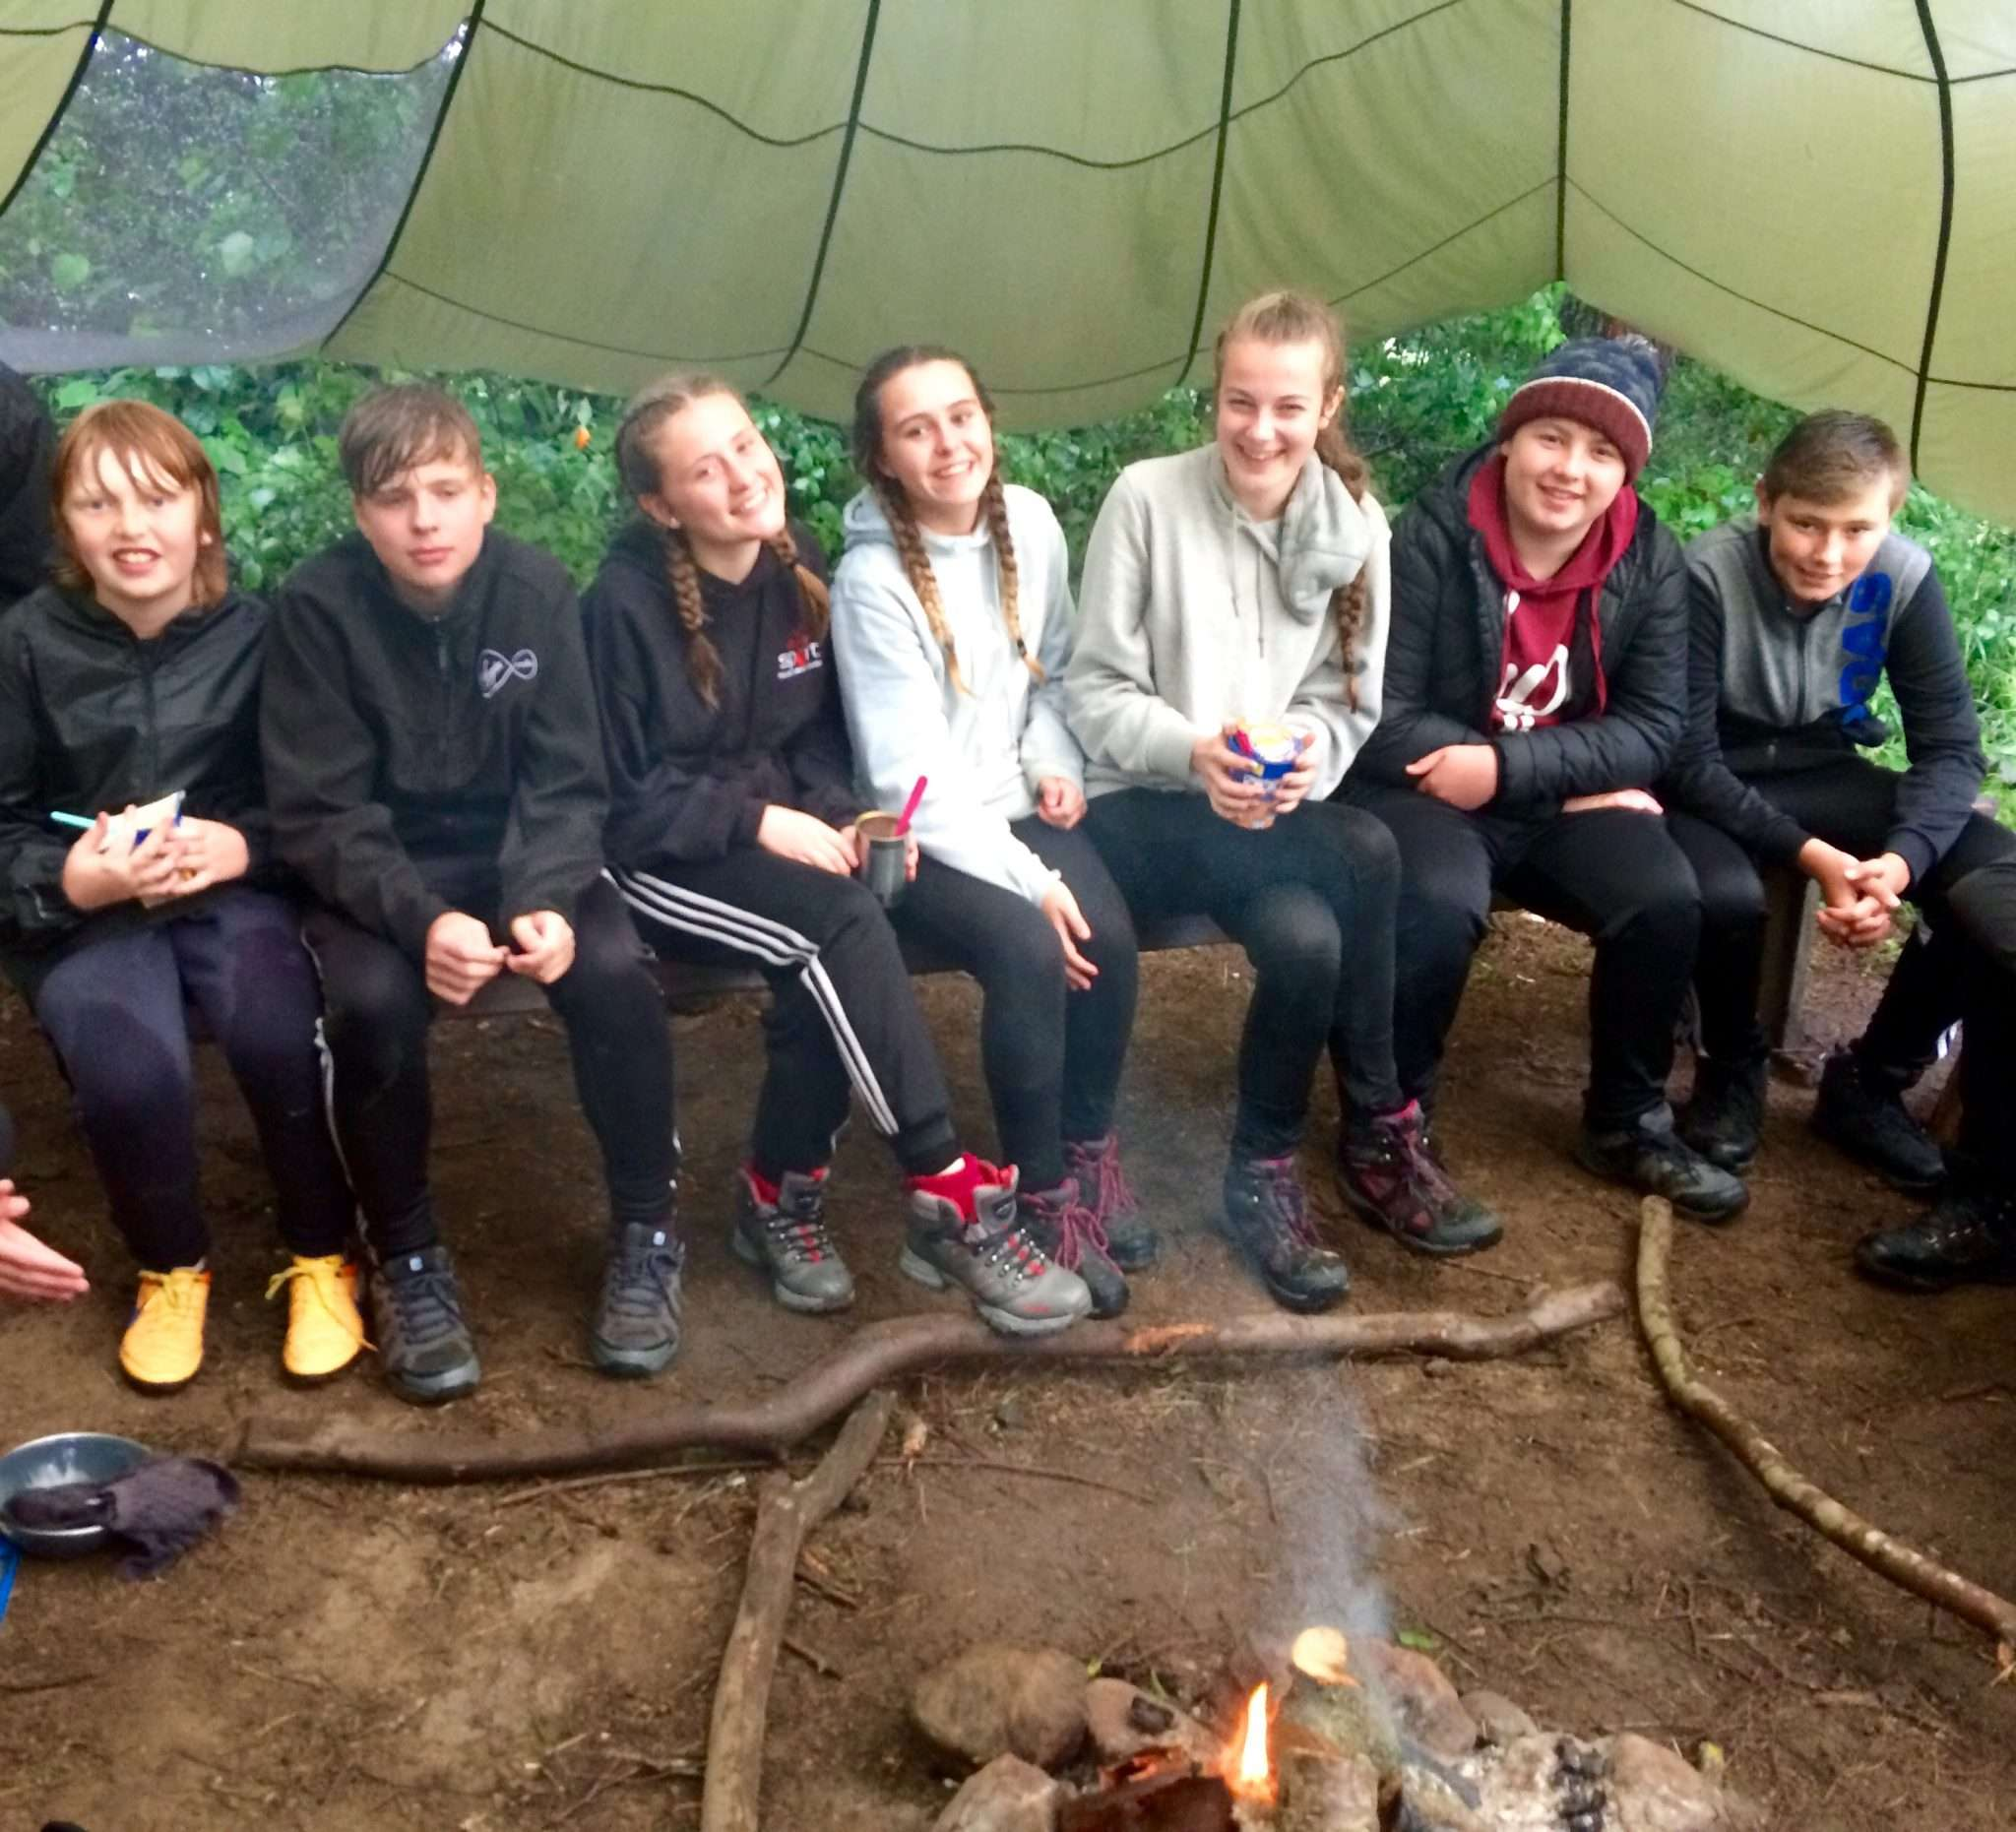 DofE expedition camp gateshead